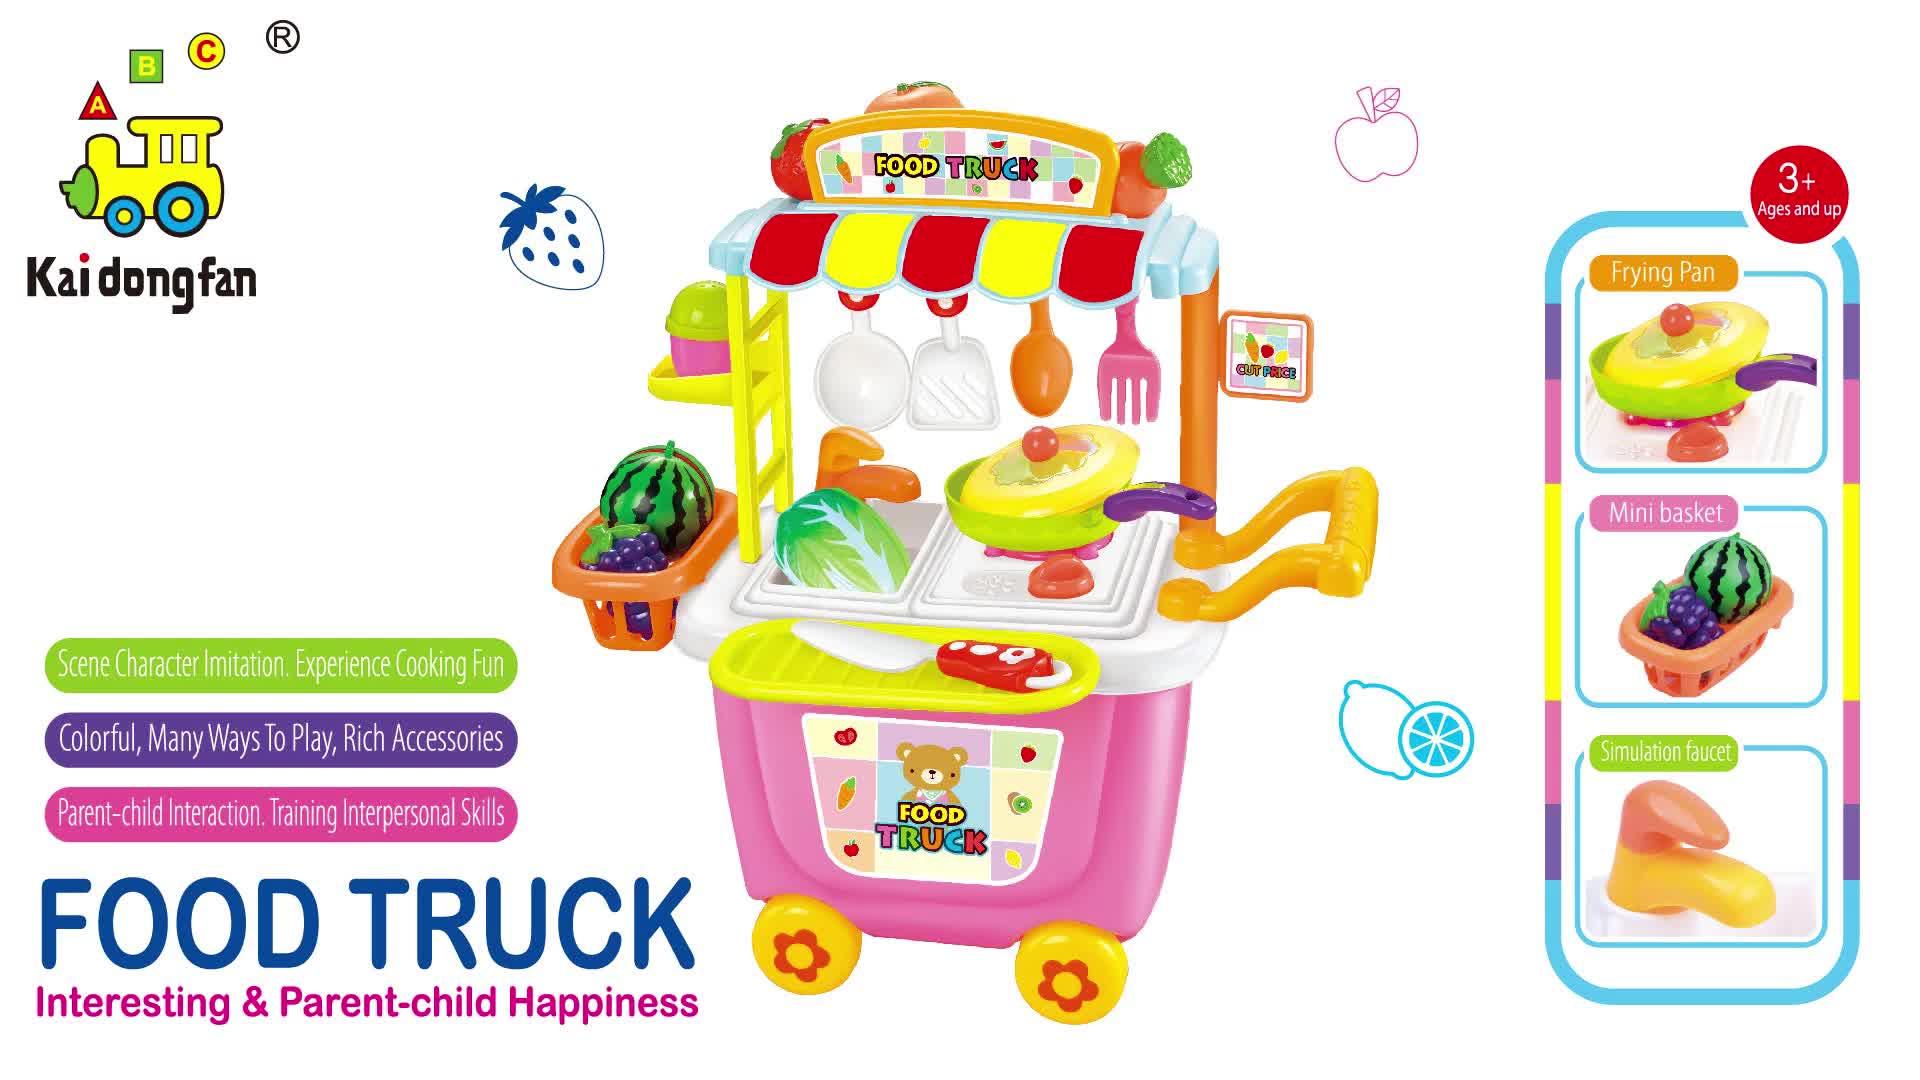 Nhựa trẻ em nhà bếp nhỏ chơi đồ chơi bbq cắt chơi set